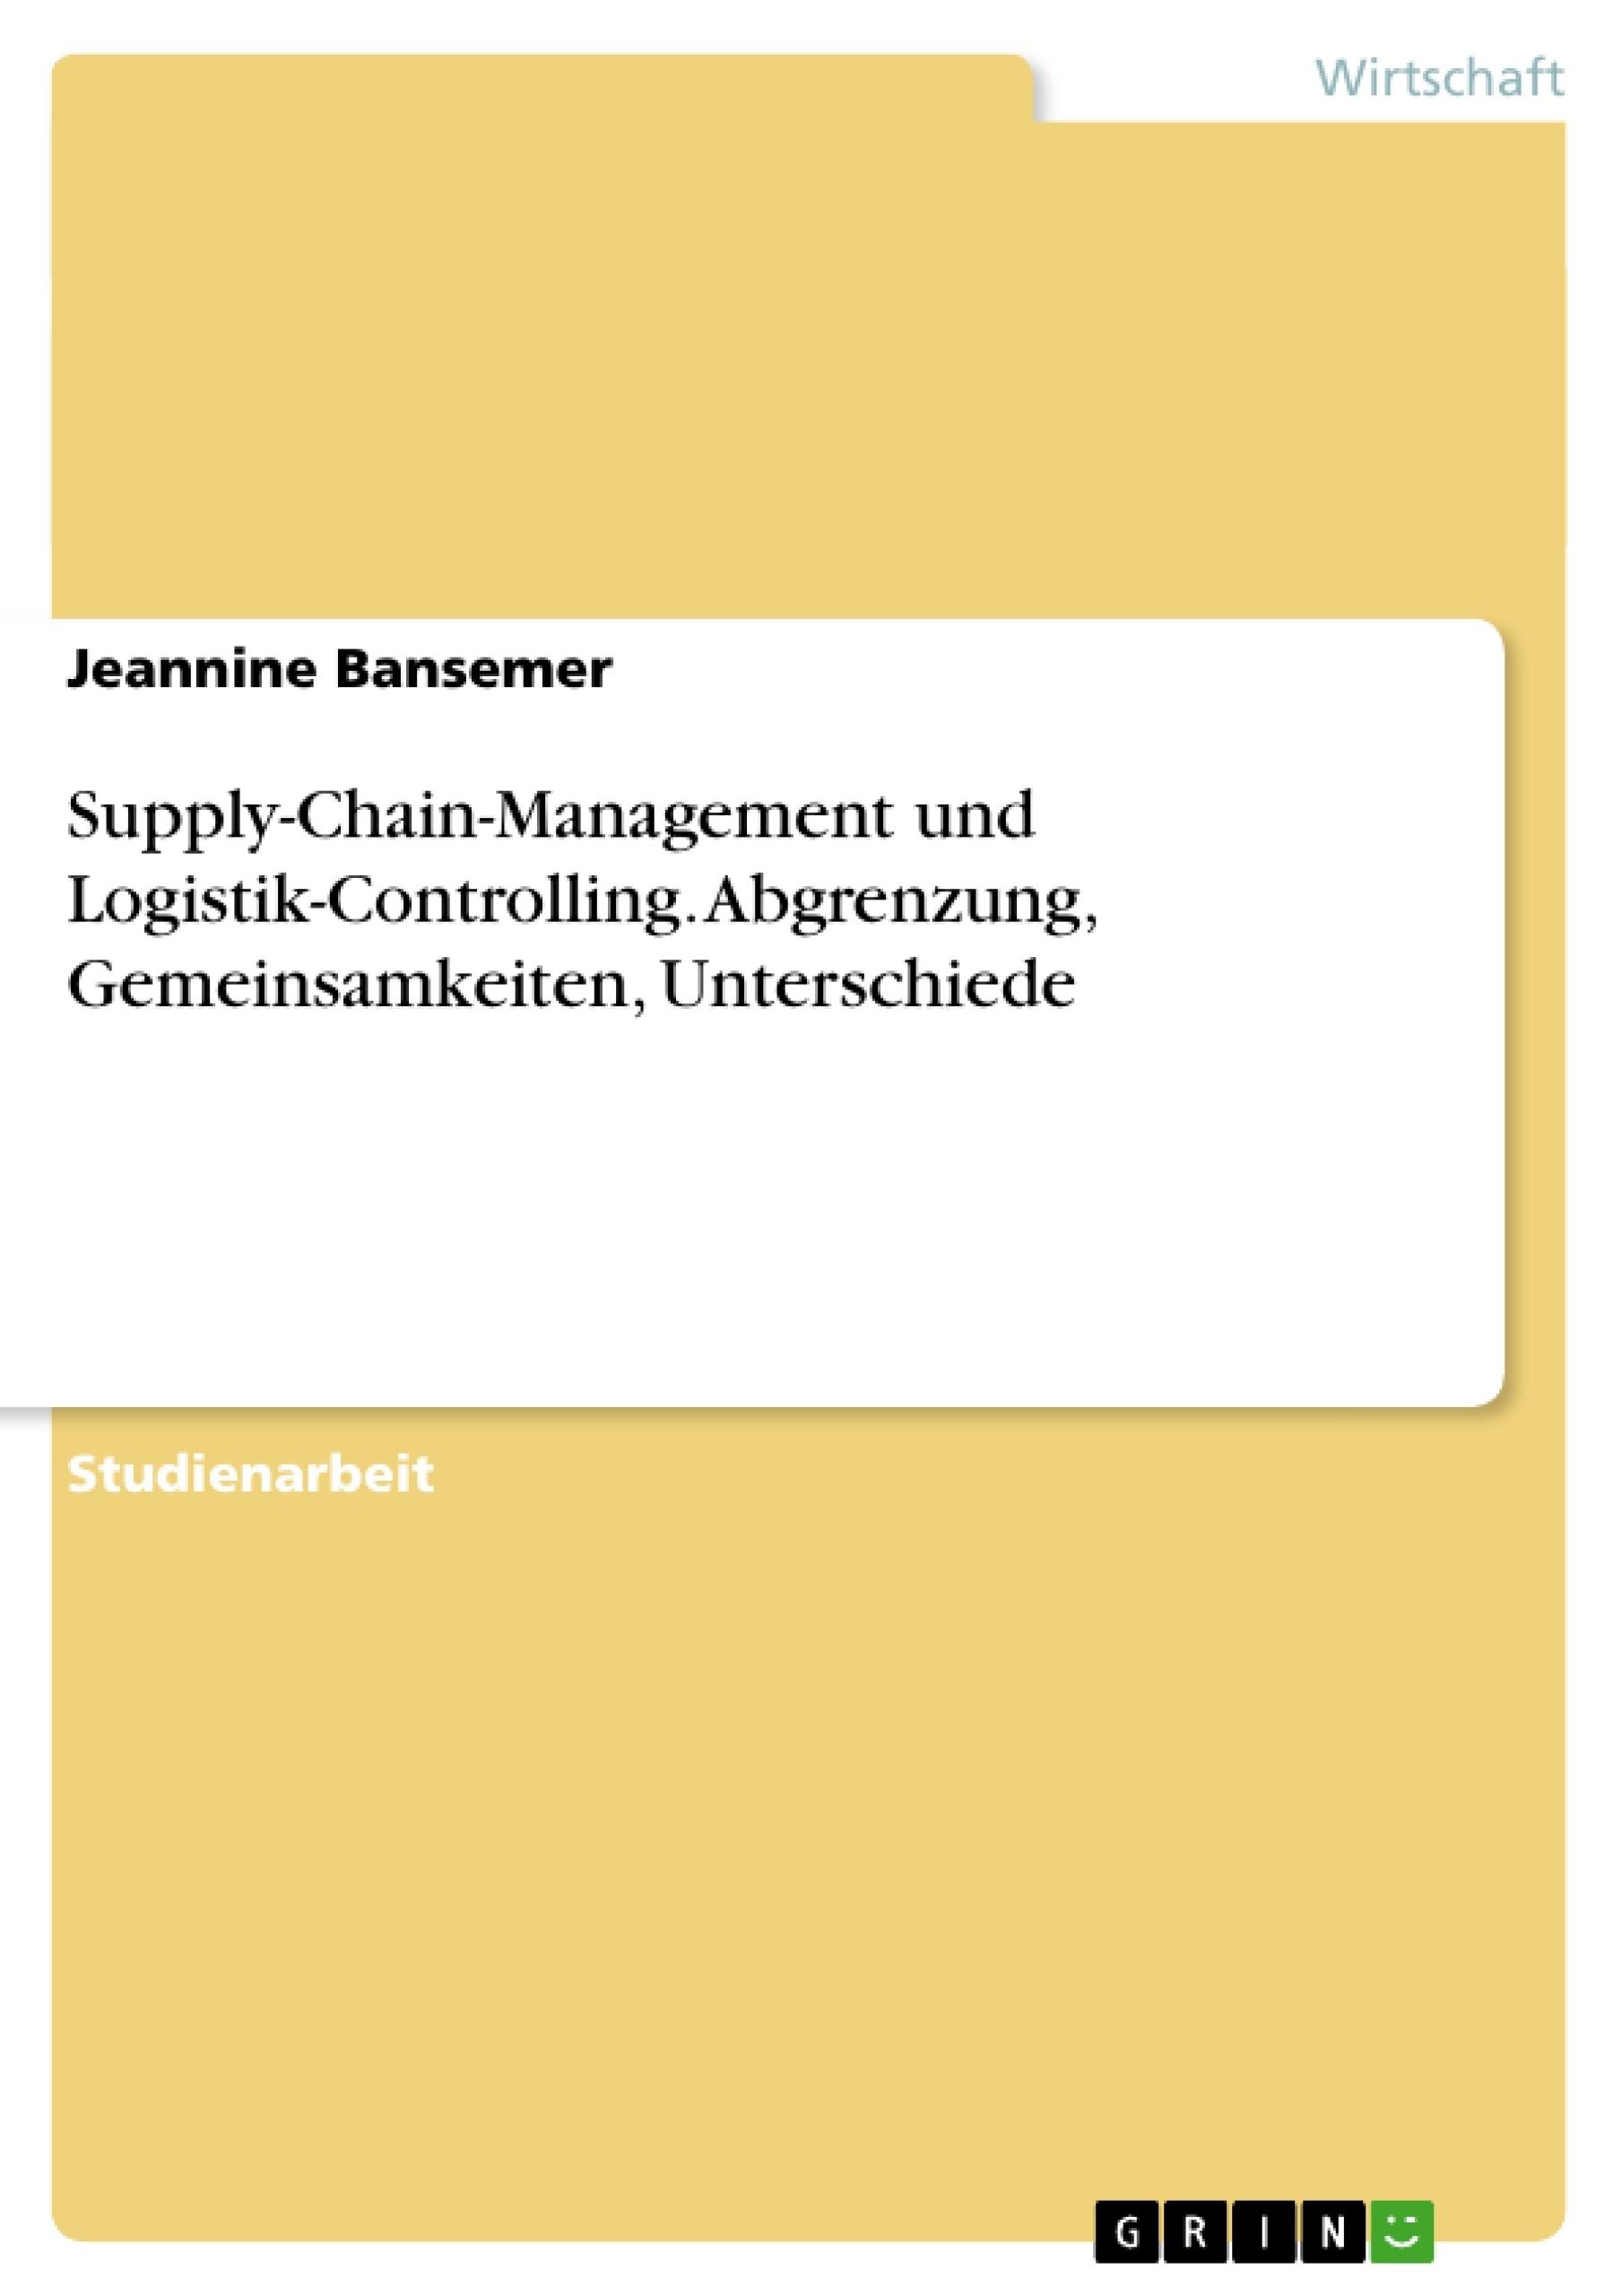 Titel: Supply-Chain-Management und Logistik-Controlling. Abgrenzung, Gemeinsamkeiten, Unterschiede